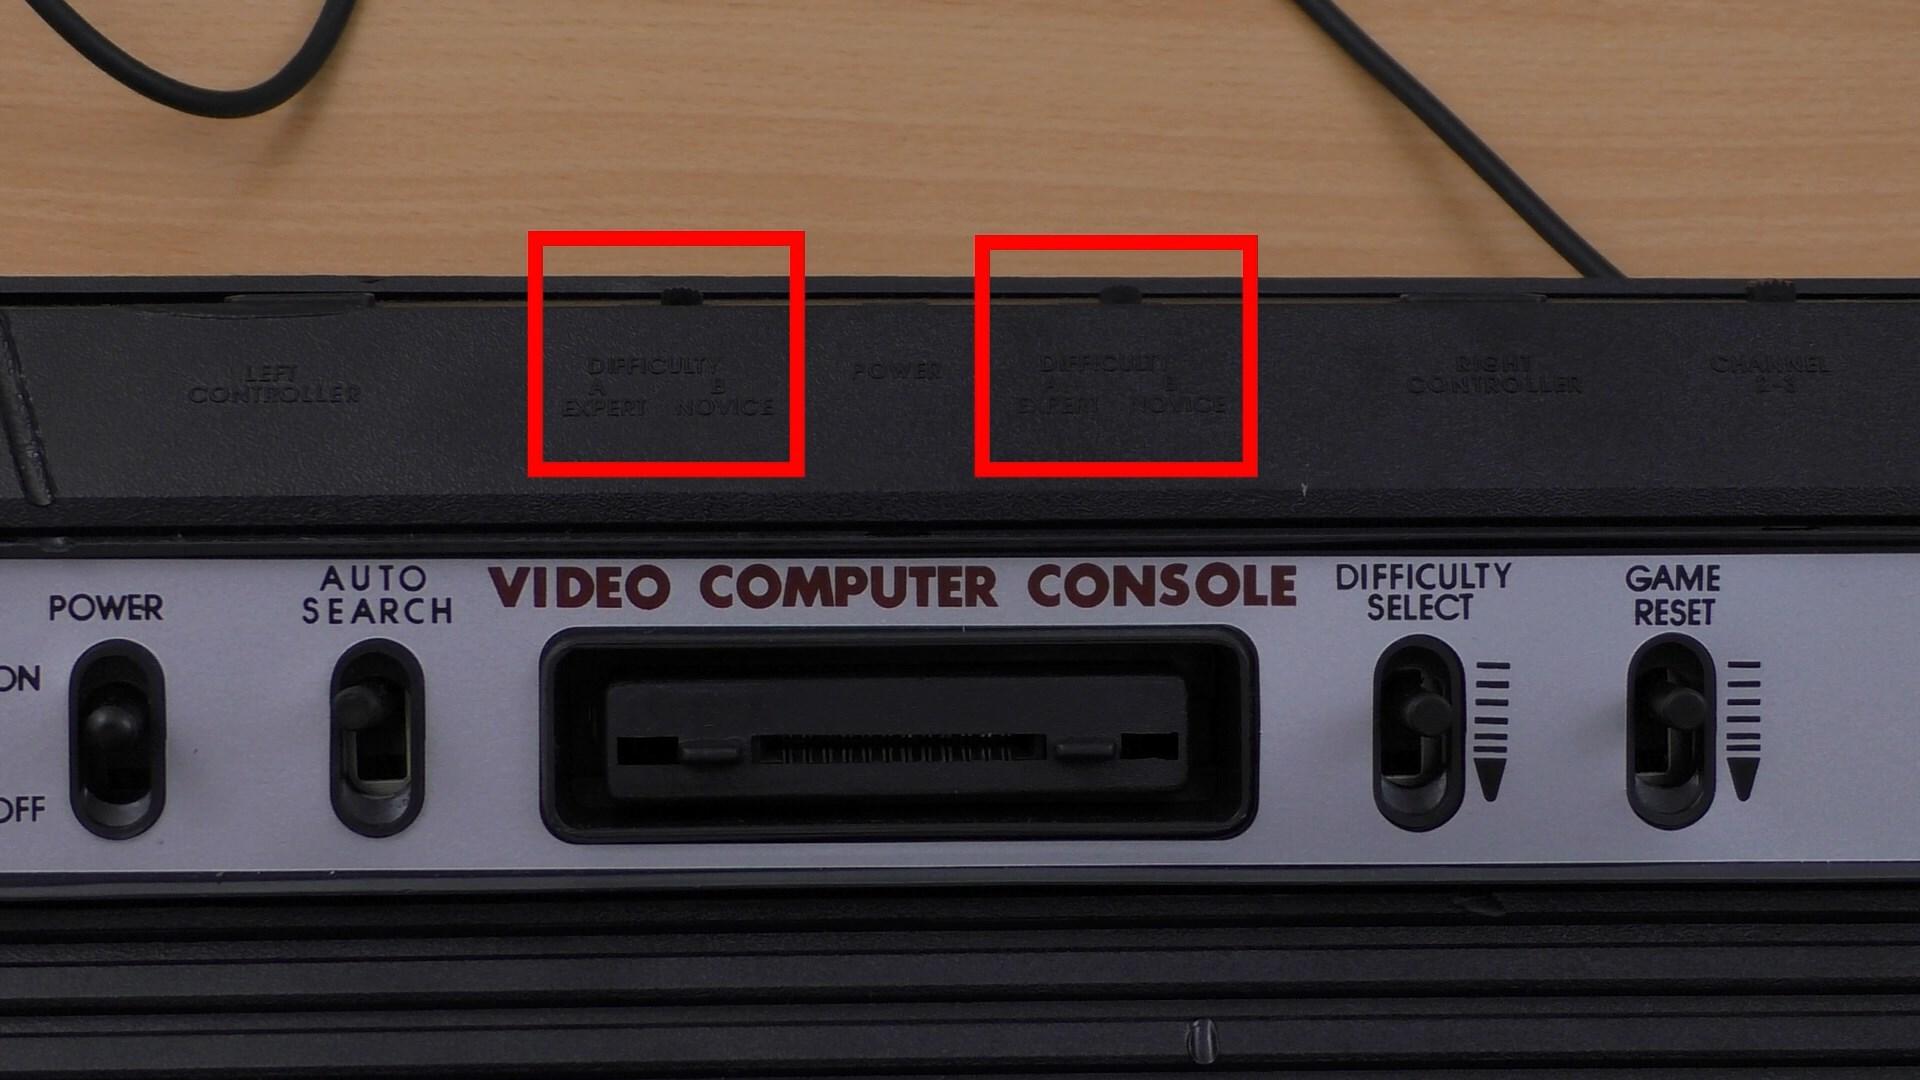 Rambo TV Games (Atari 2600) [статья с кучей фото и капелькой видео] - 19